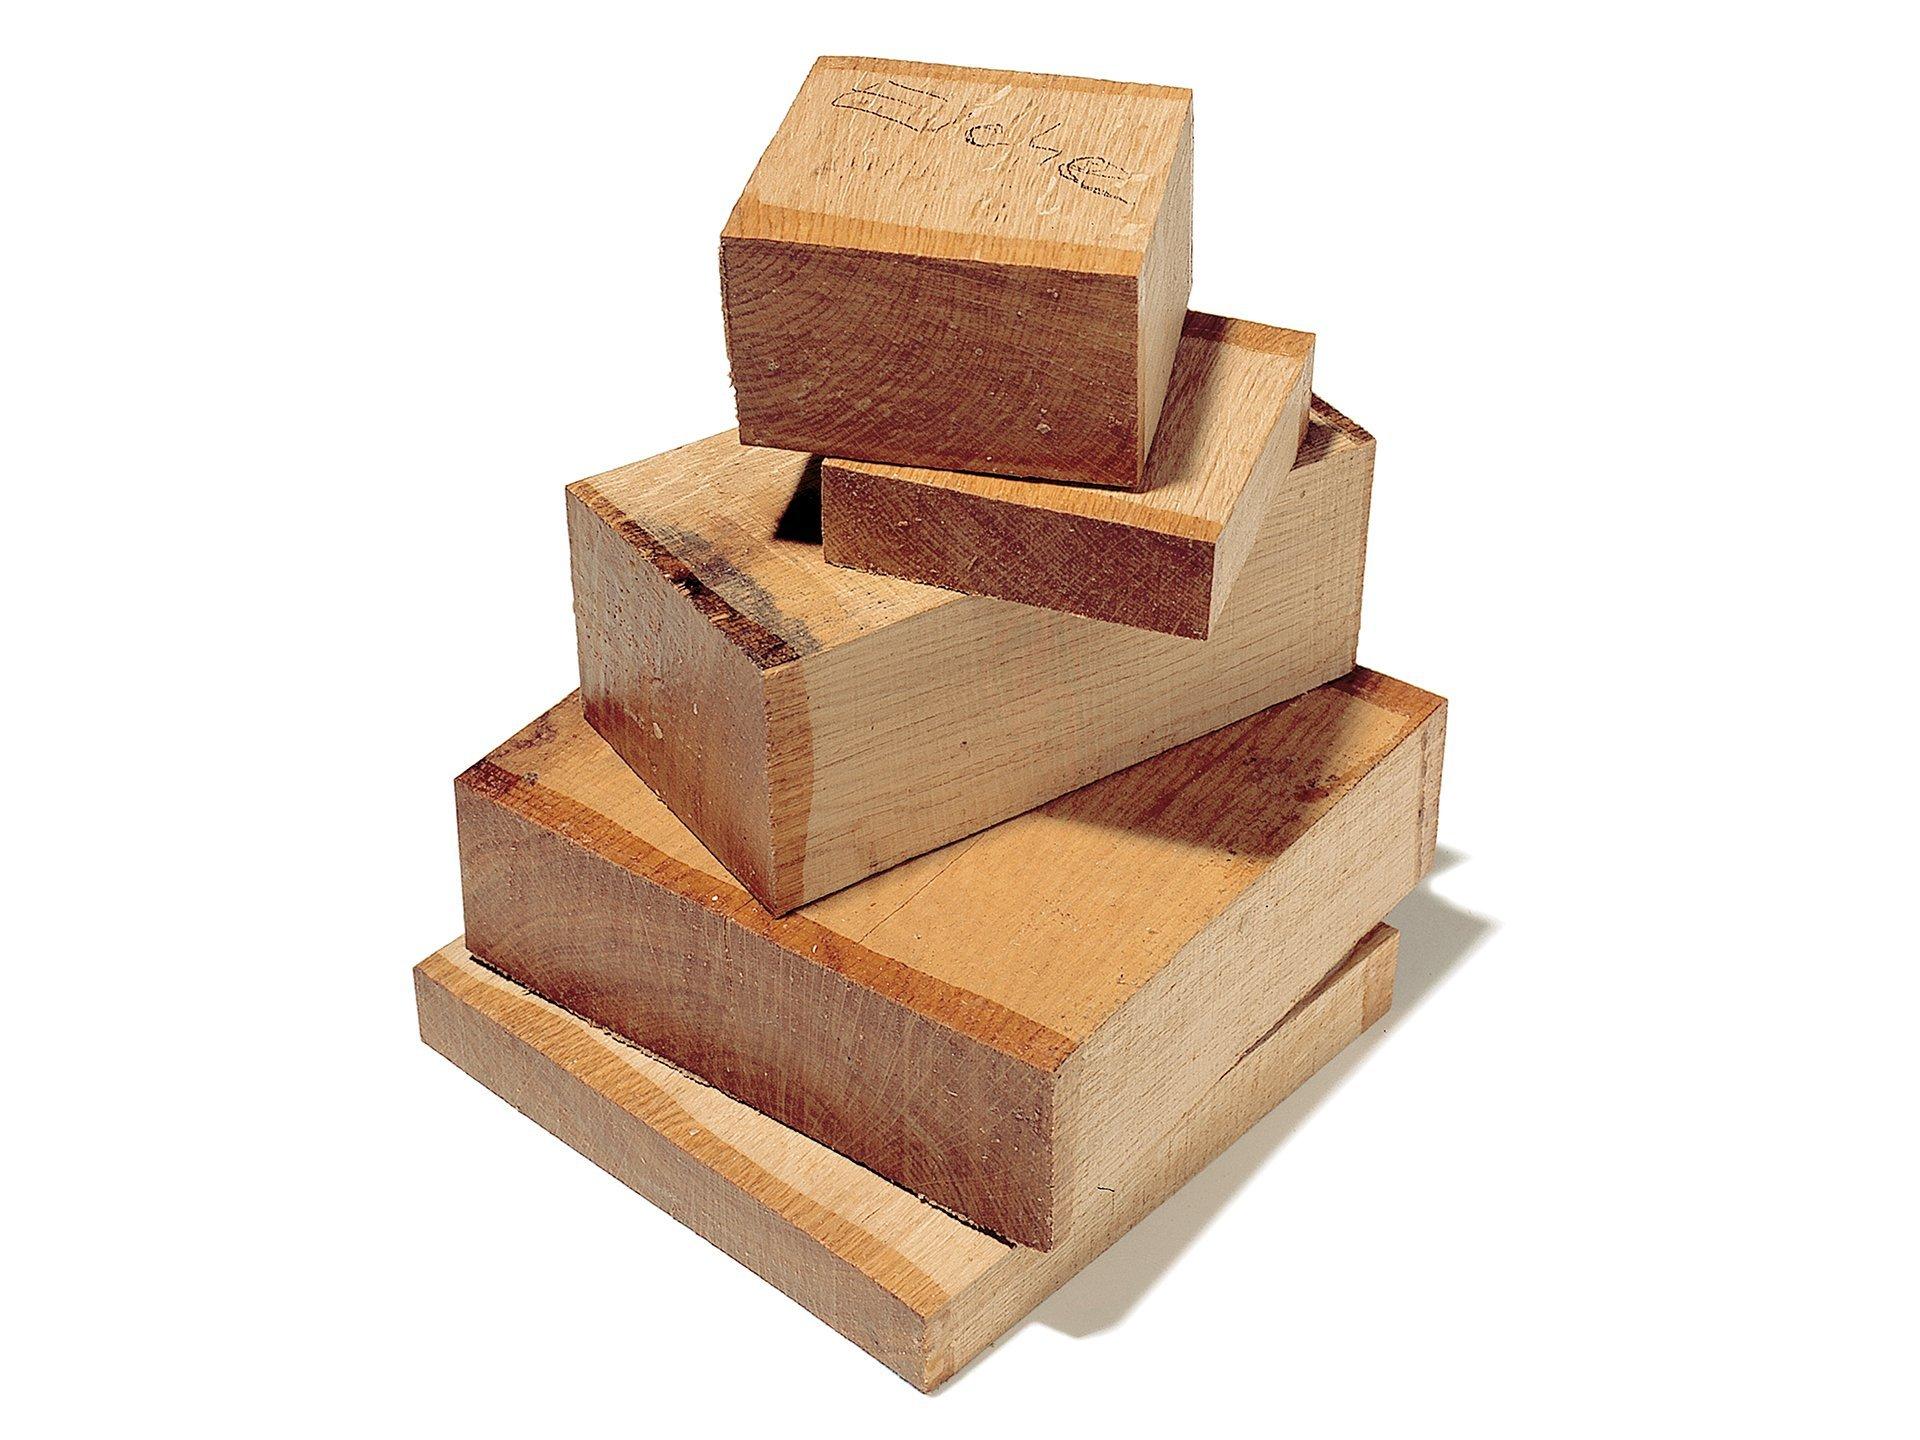 Comprar piezas de tablones de roble aristas vivas online - Tablones de roble ...